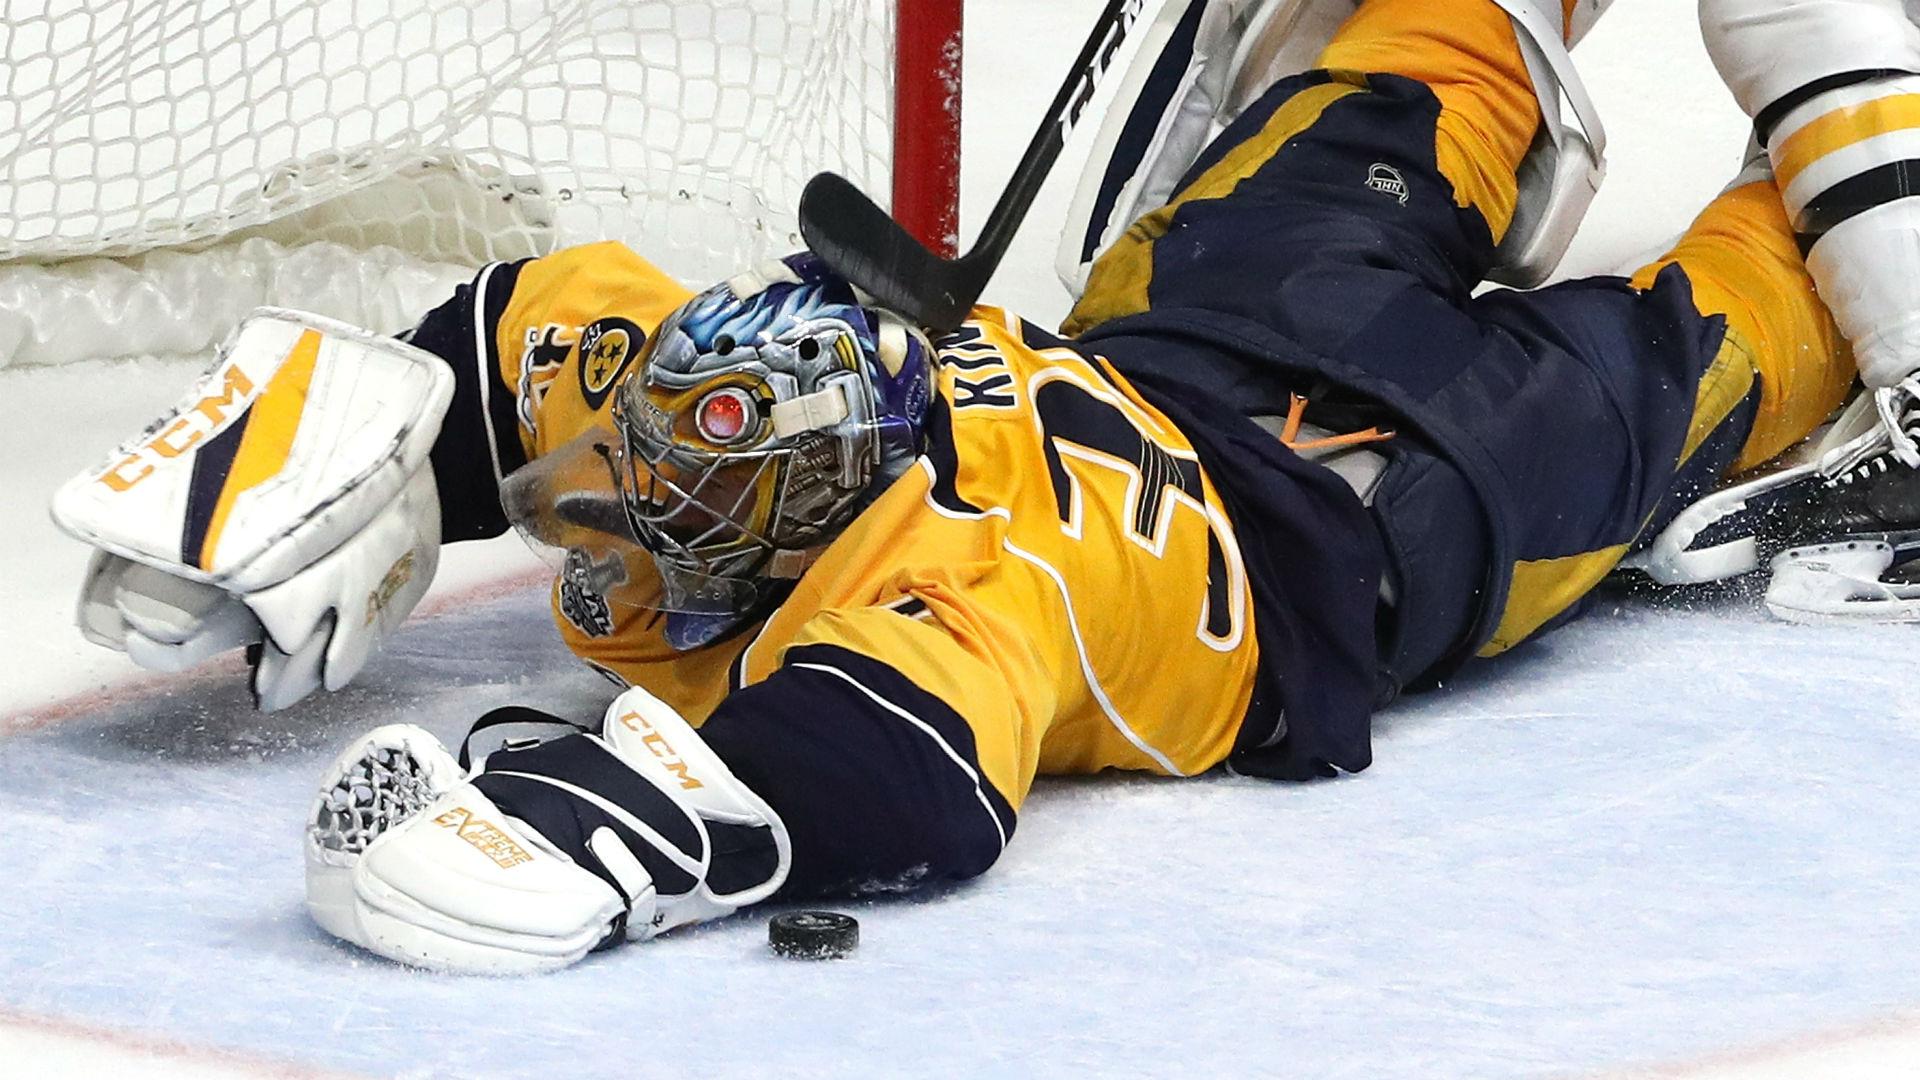 Stanley Cup Final three stars: Behind resurgent Pekka Rinne's acrobatic saves, Predators even ...